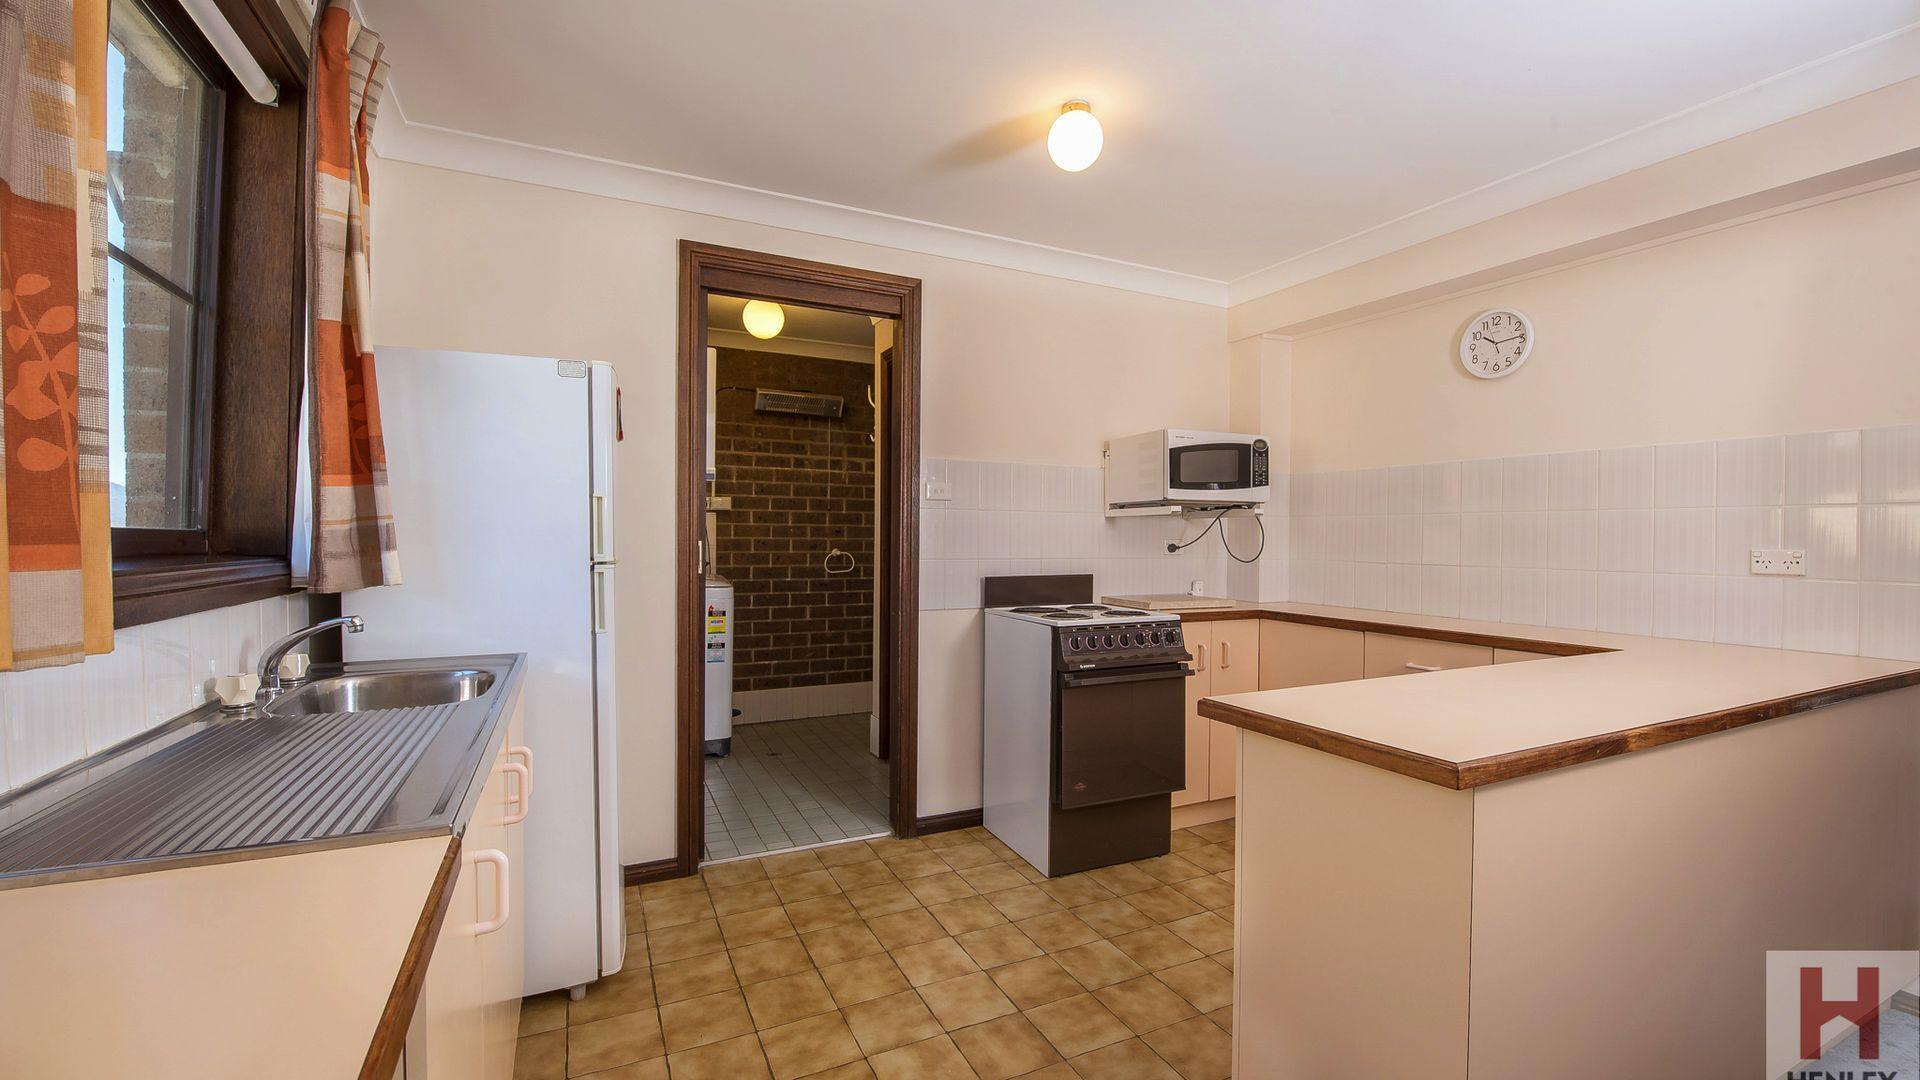 Unit 1/129 Gippsland St, Jindabyne NSW 2627, Image 1